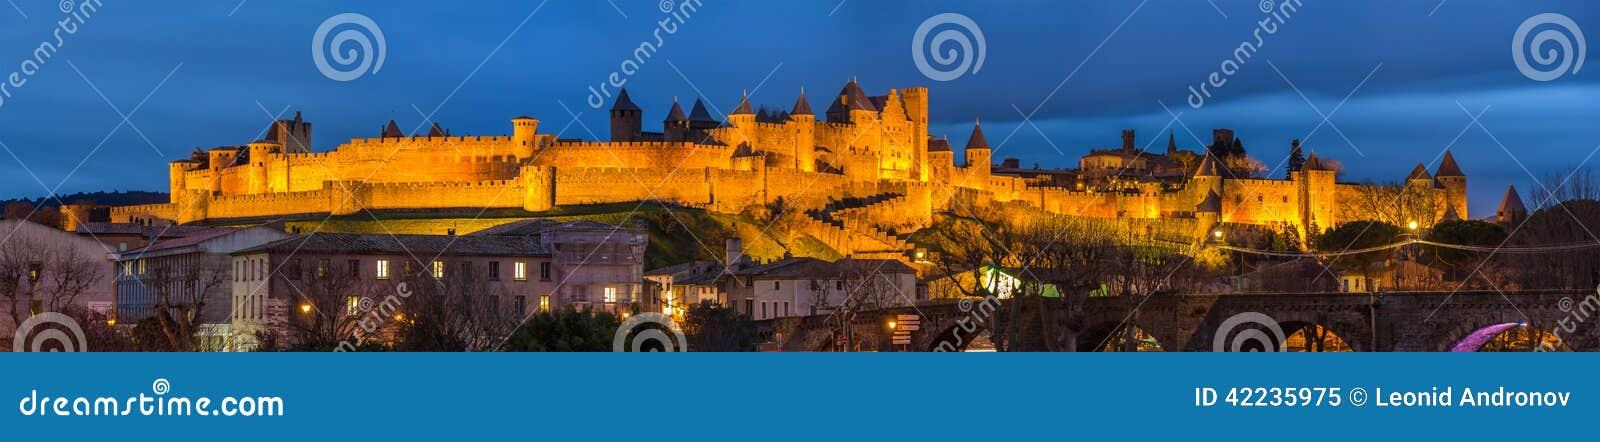 卡尔卡松堡垒,法国晚上全景